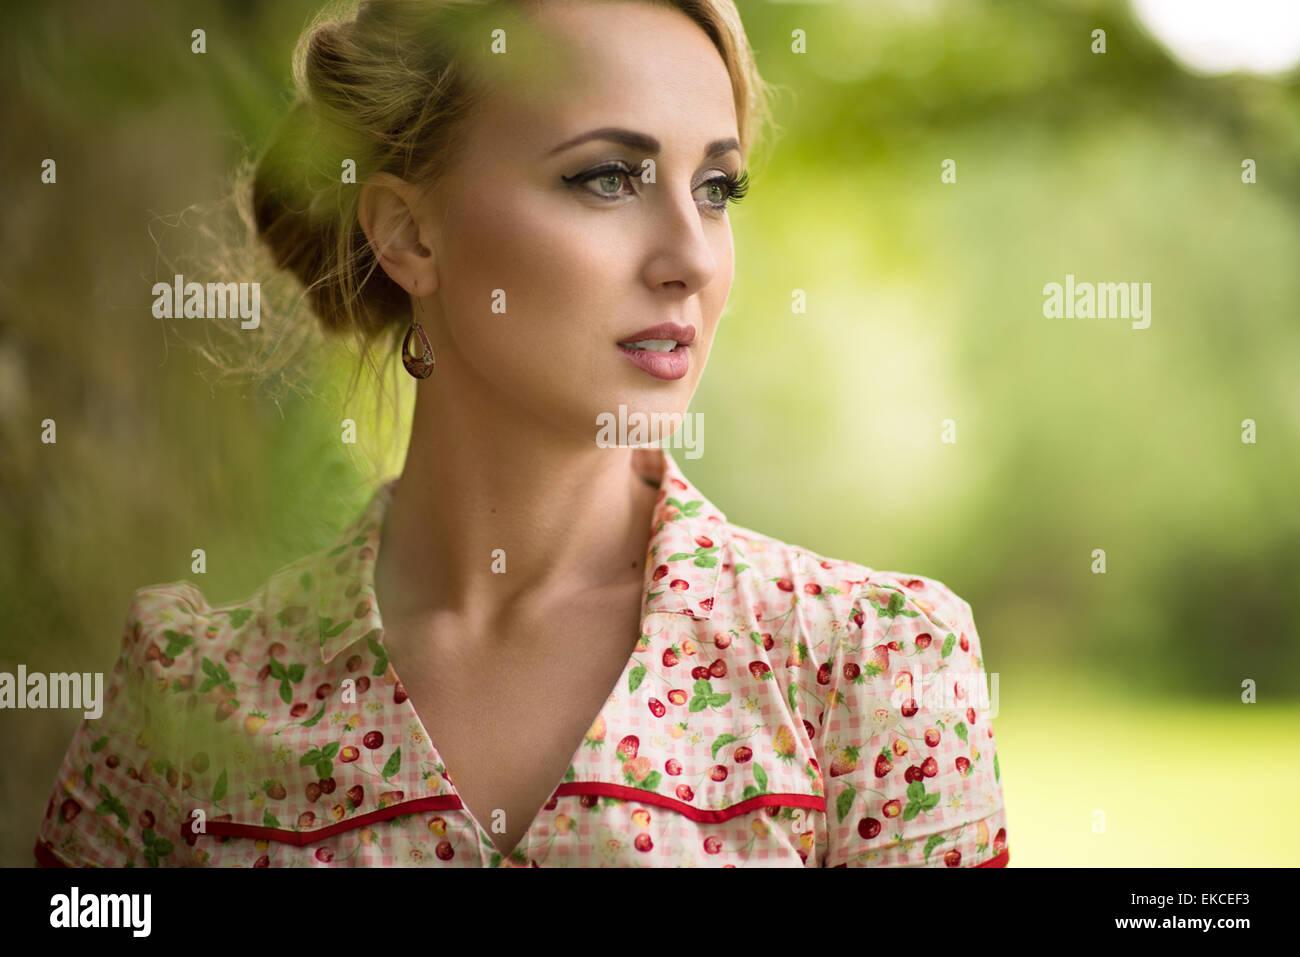 Porträt einer jungen Frau wegschauen Stockbild